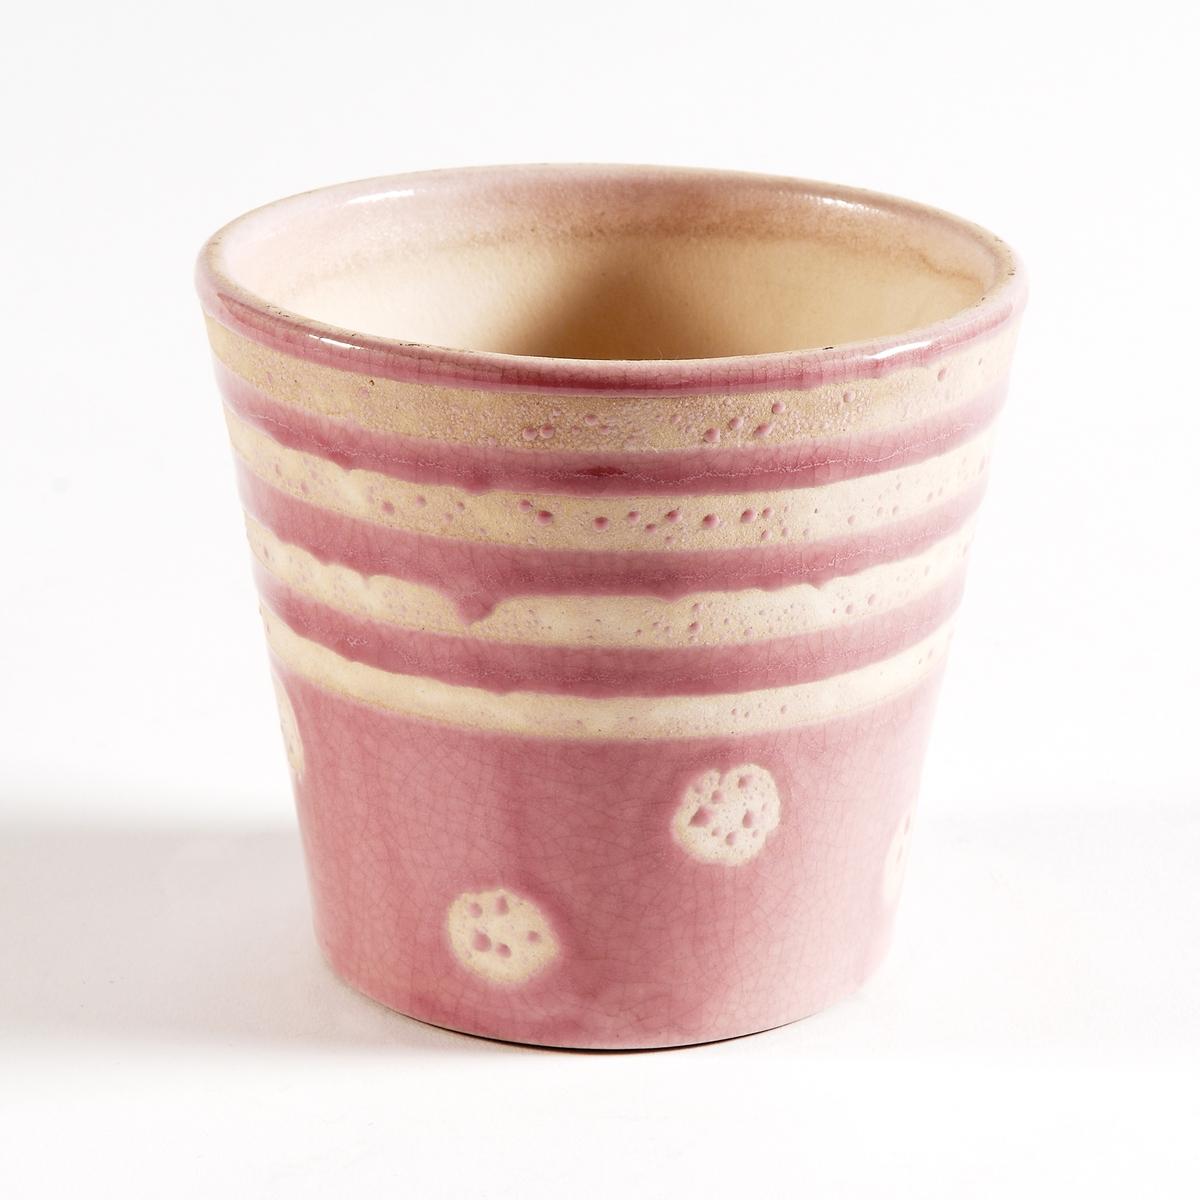 Кашпо из керамики, покрытой глазурью, EtnimaКашпо Etnima придаст яркий стиль благодаря этническим рисункам по периметру.Характеристики круглого кашпо из керамики Etnima :Круглое кашпо из керамики, покрытой глазурью, с этническим рисунком.Размеры круглого кашпо из керамики Etnima :Размеры : диаметр 14 x высота 12,5 см.<br><br>Цвет: светло-розовый<br>Размер: единый размер